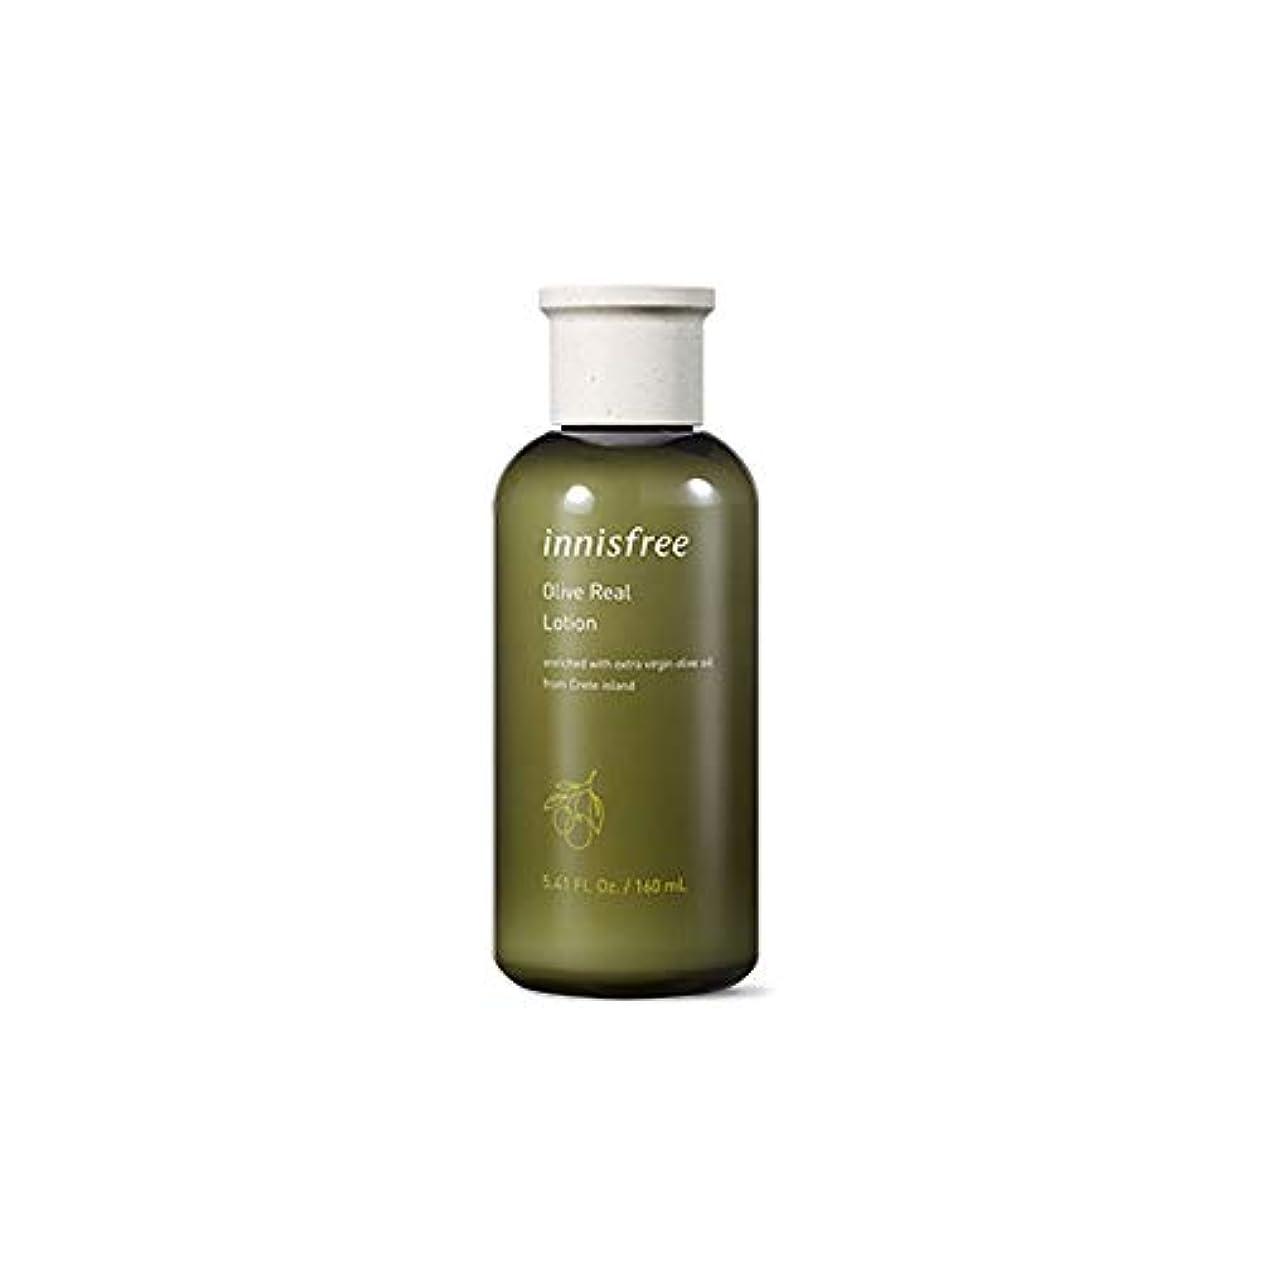 臭い重要性バリーNEW[イニスフリー] Innisfree オリーブリアルローション乳液EX(160ml) Innisfree Olive Real Lotion(160ml)EX [海外直送品]